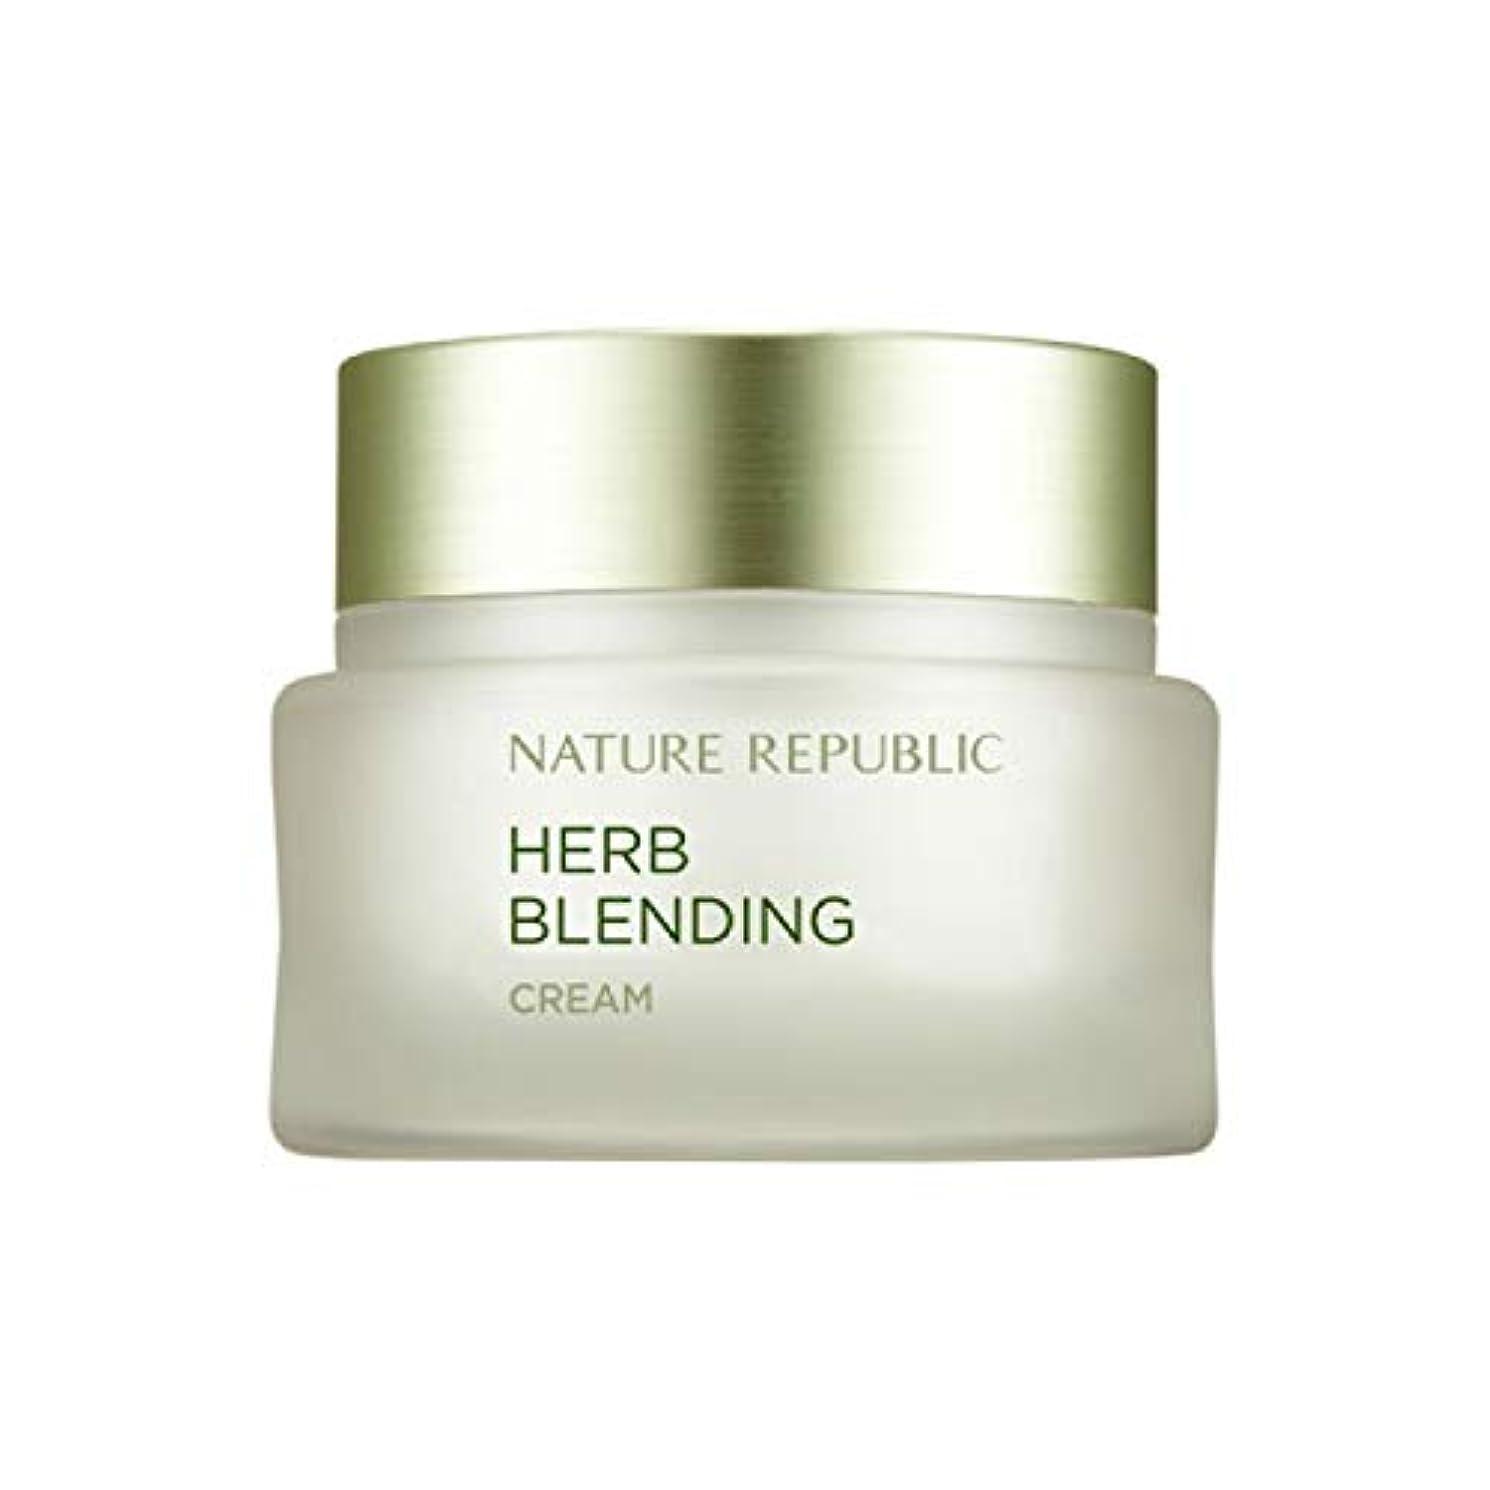 十分可塑性記録ネイチャーリパブリック(Nature Republic)ハブブレンドクリーム 50ml / Herb Blending Cream 50ml :: 韓国コスメ [並行輸入品]